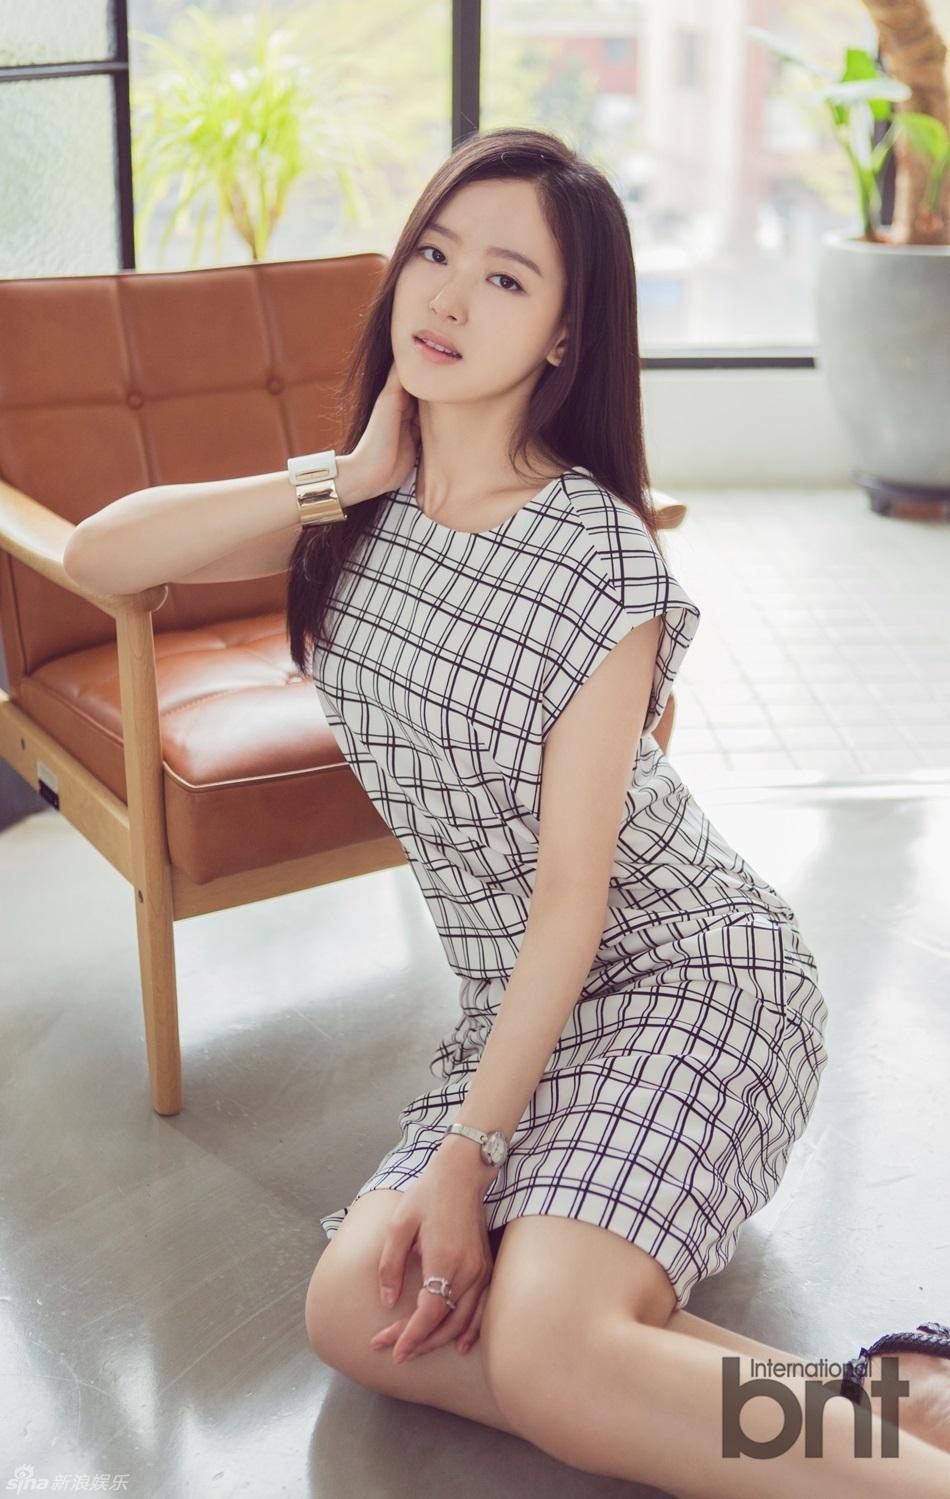 Kang Han Na Image 143966 Asiachan Kpop Image Board